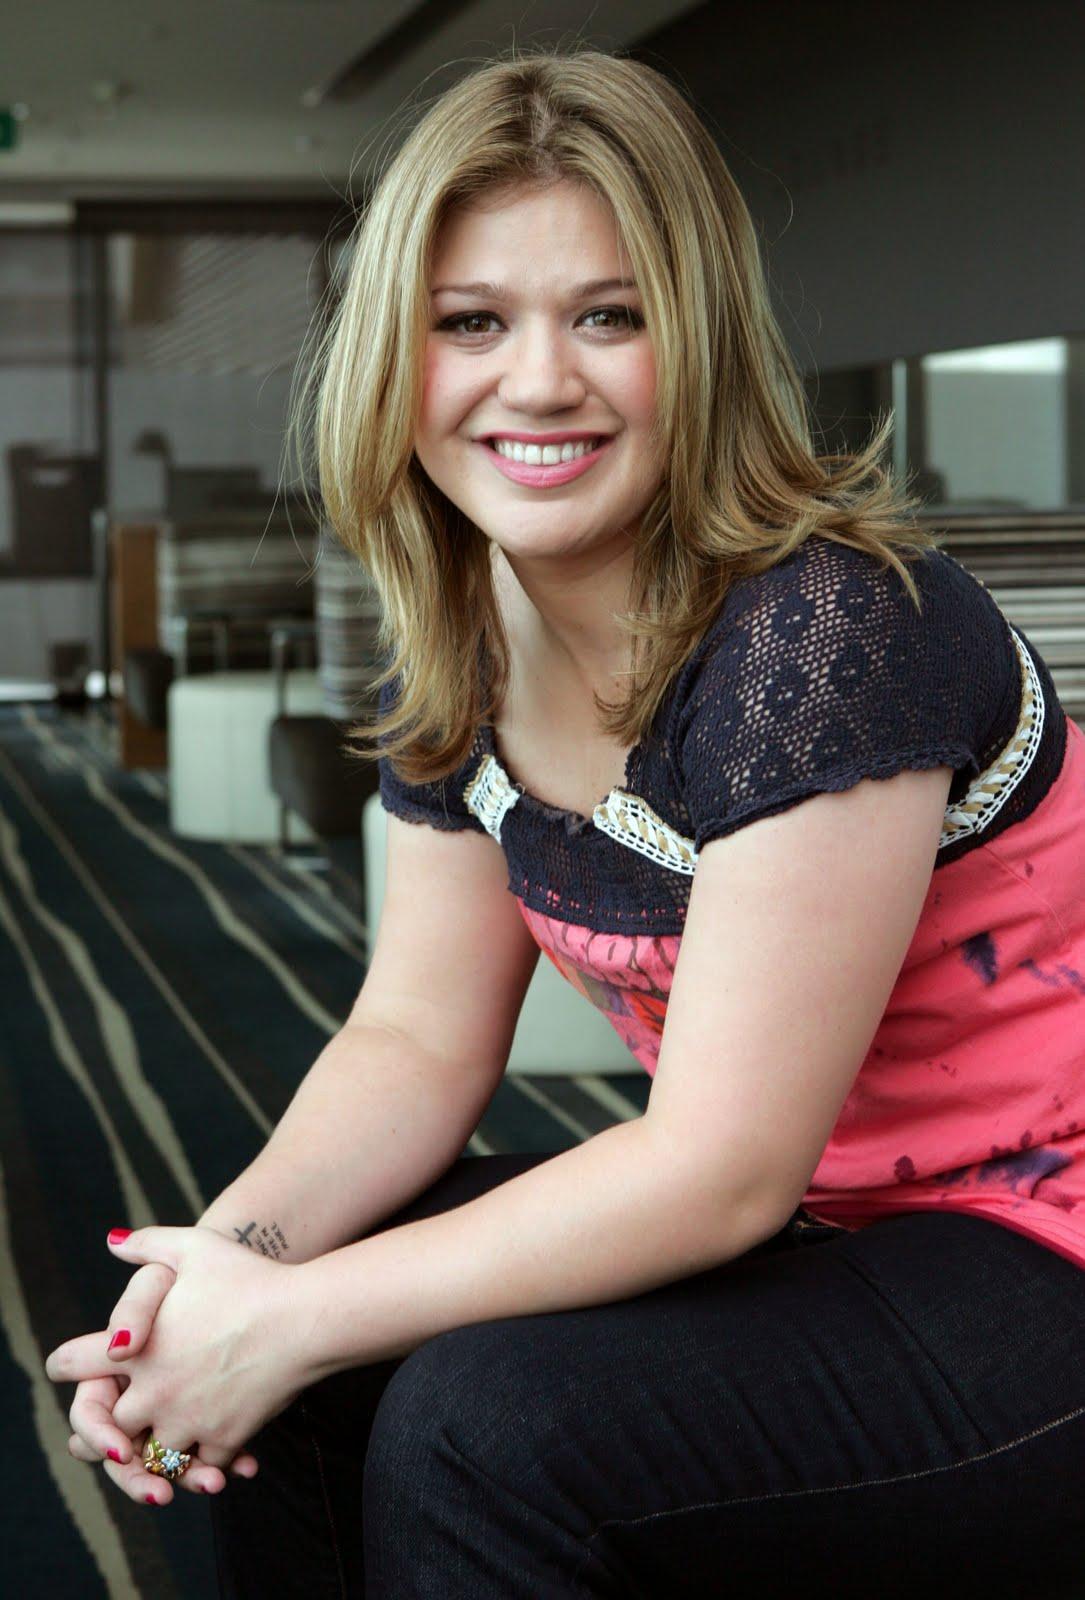 http://2.bp.blogspot.com/-4S6MtS90ado/TlDgKIgOLFI/AAAAAAAAAA0/stouKkaG-k4/s1600/Kelly-Clarkson-life-style-2011-08-american-singer-and-actress.jpg